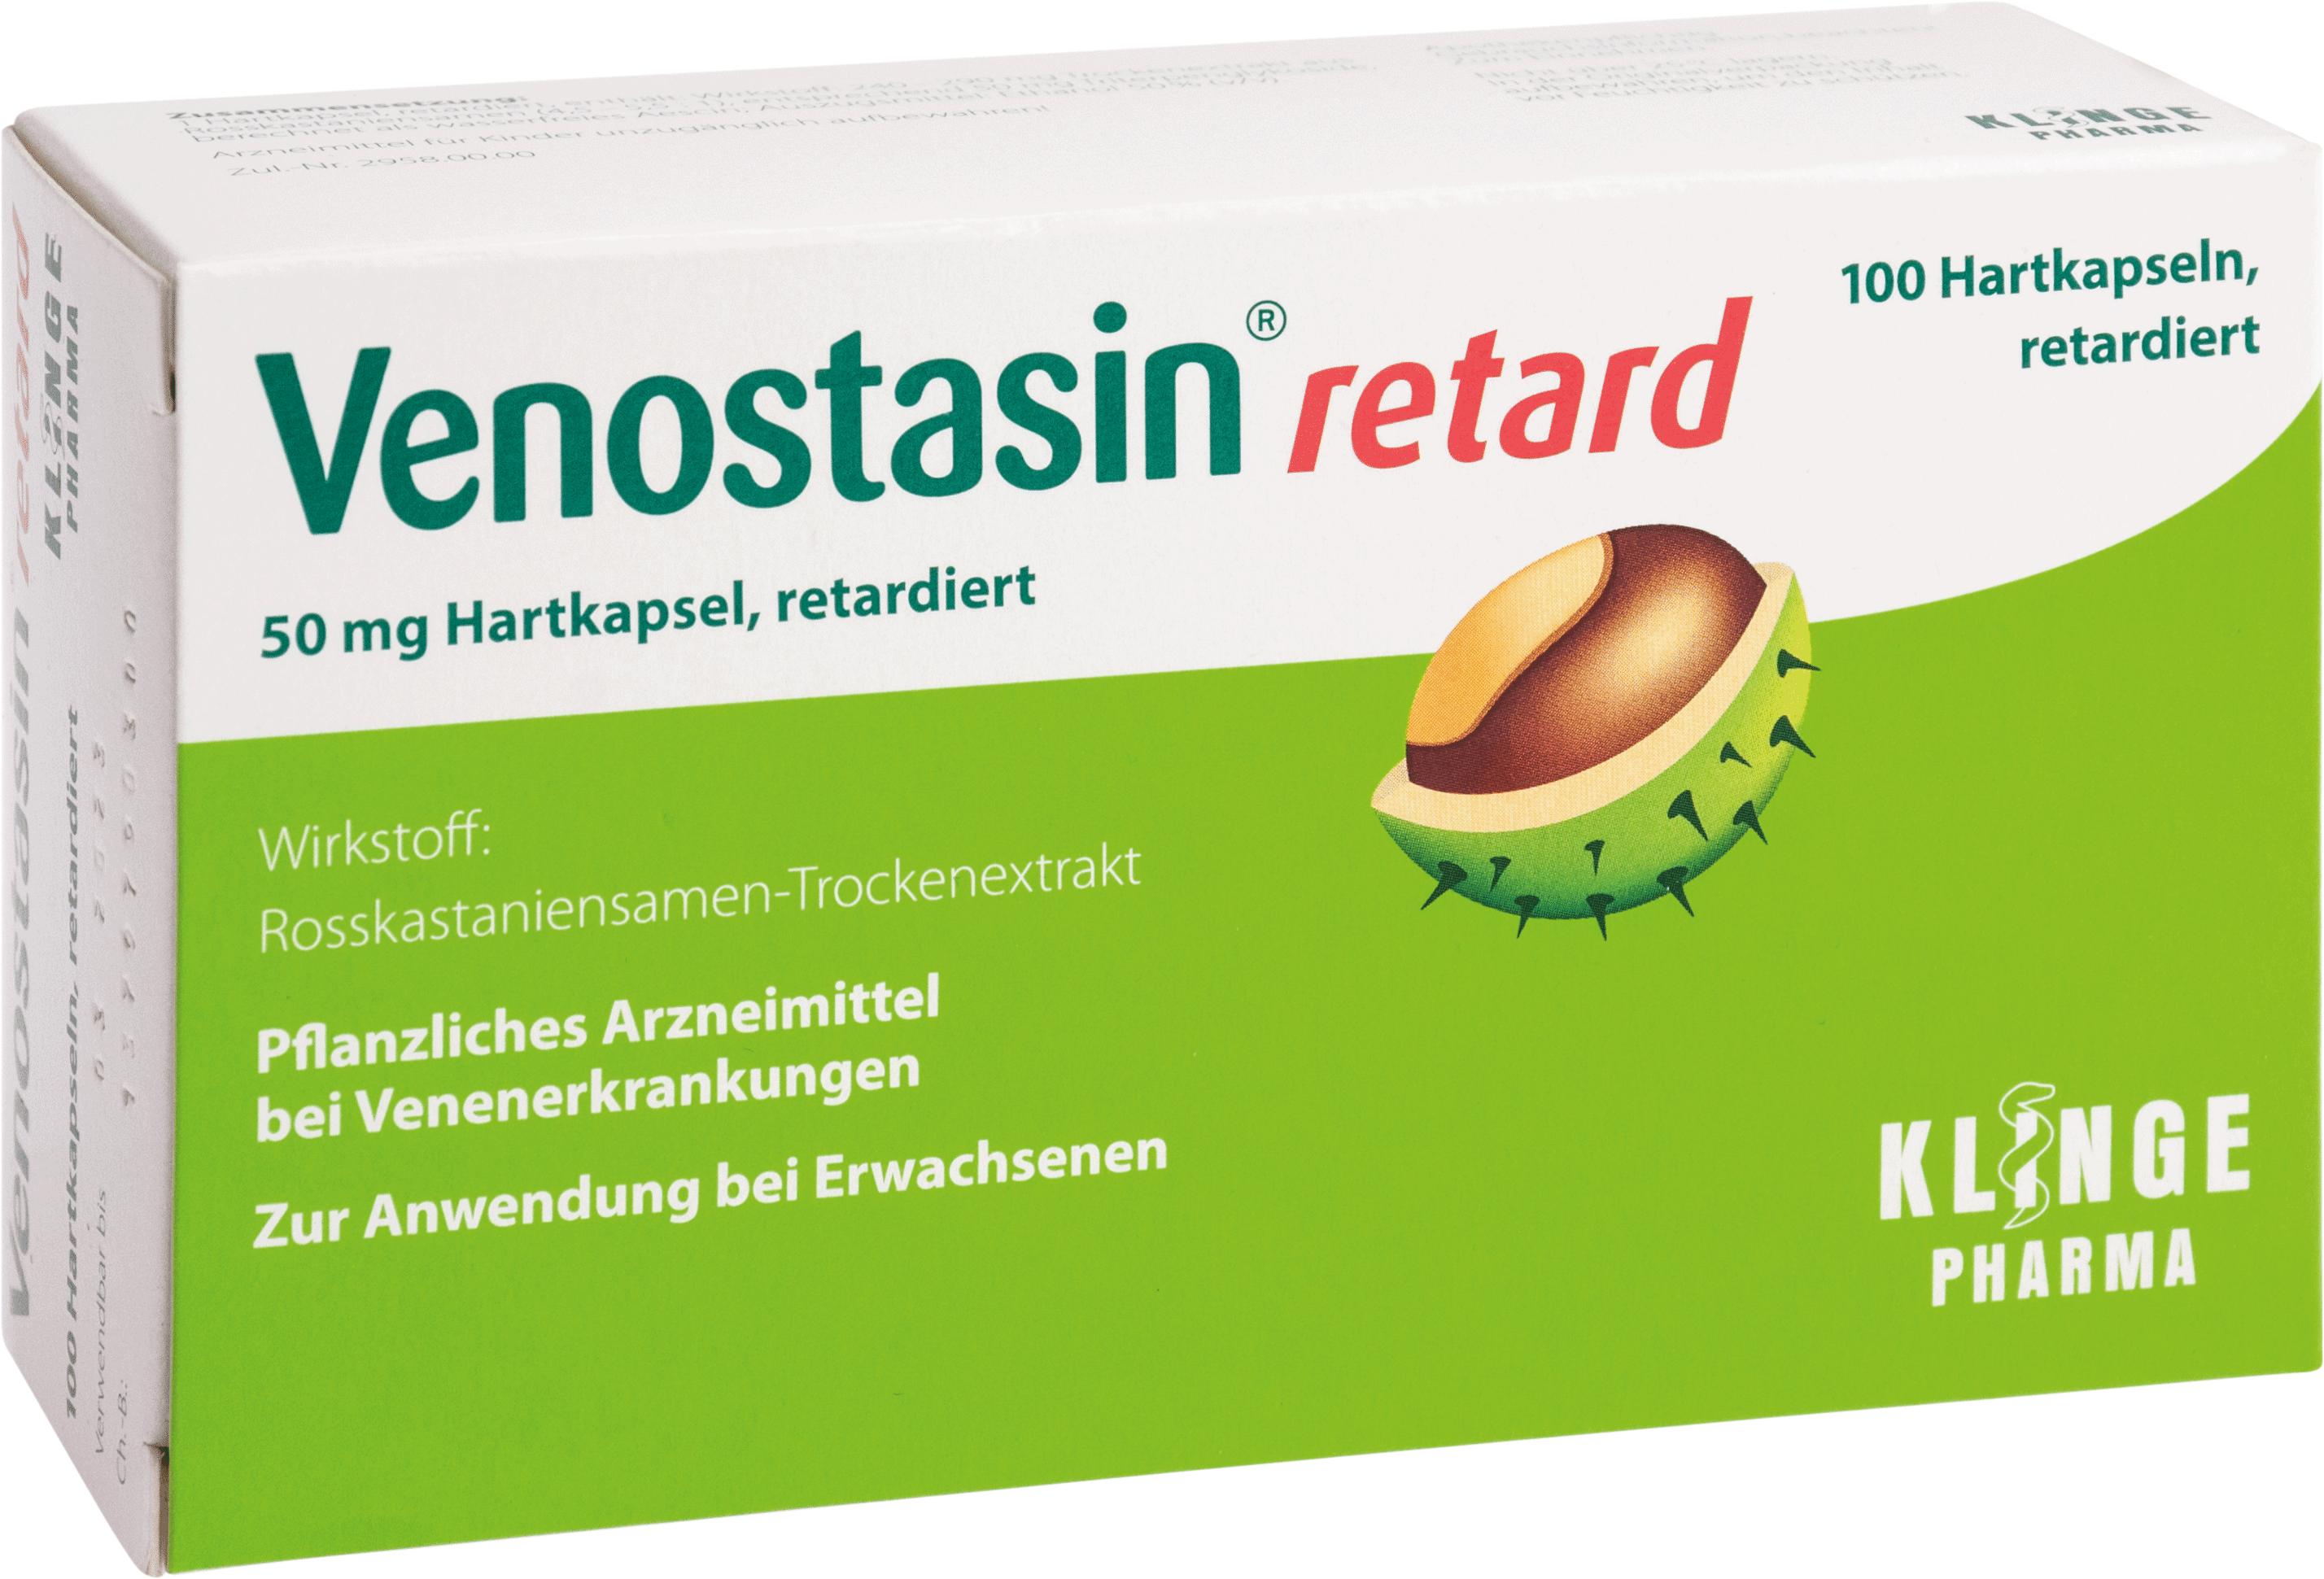 VENOSTASIN RETARD